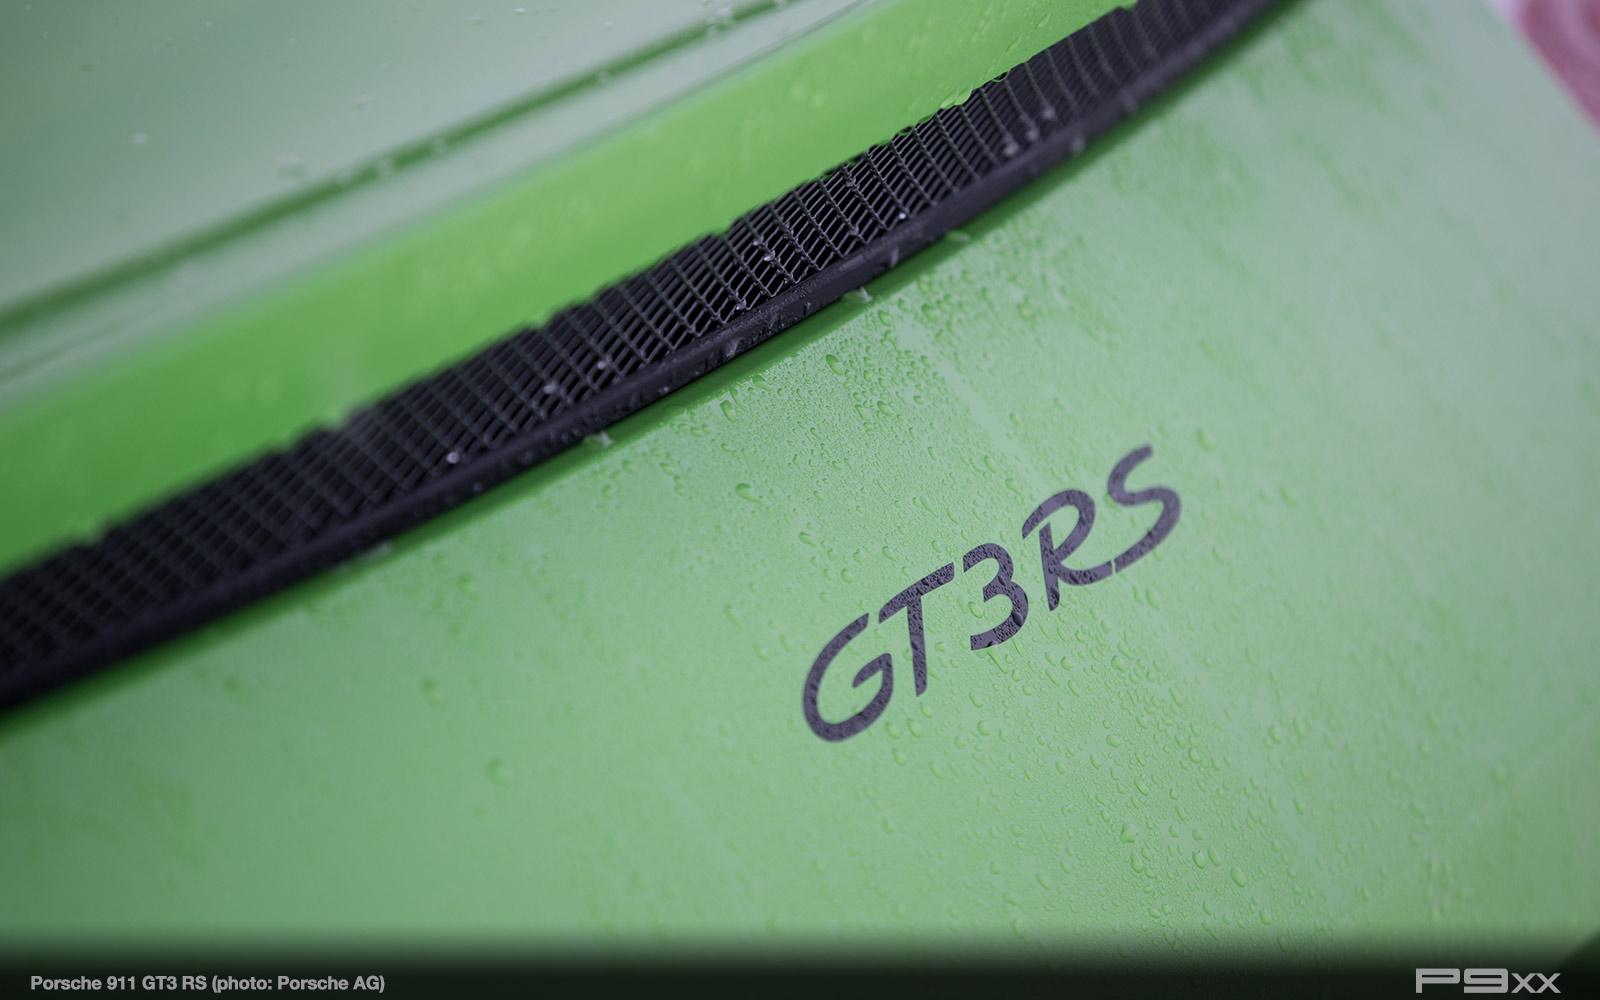 porsche-911-9912-gt3-rs-337